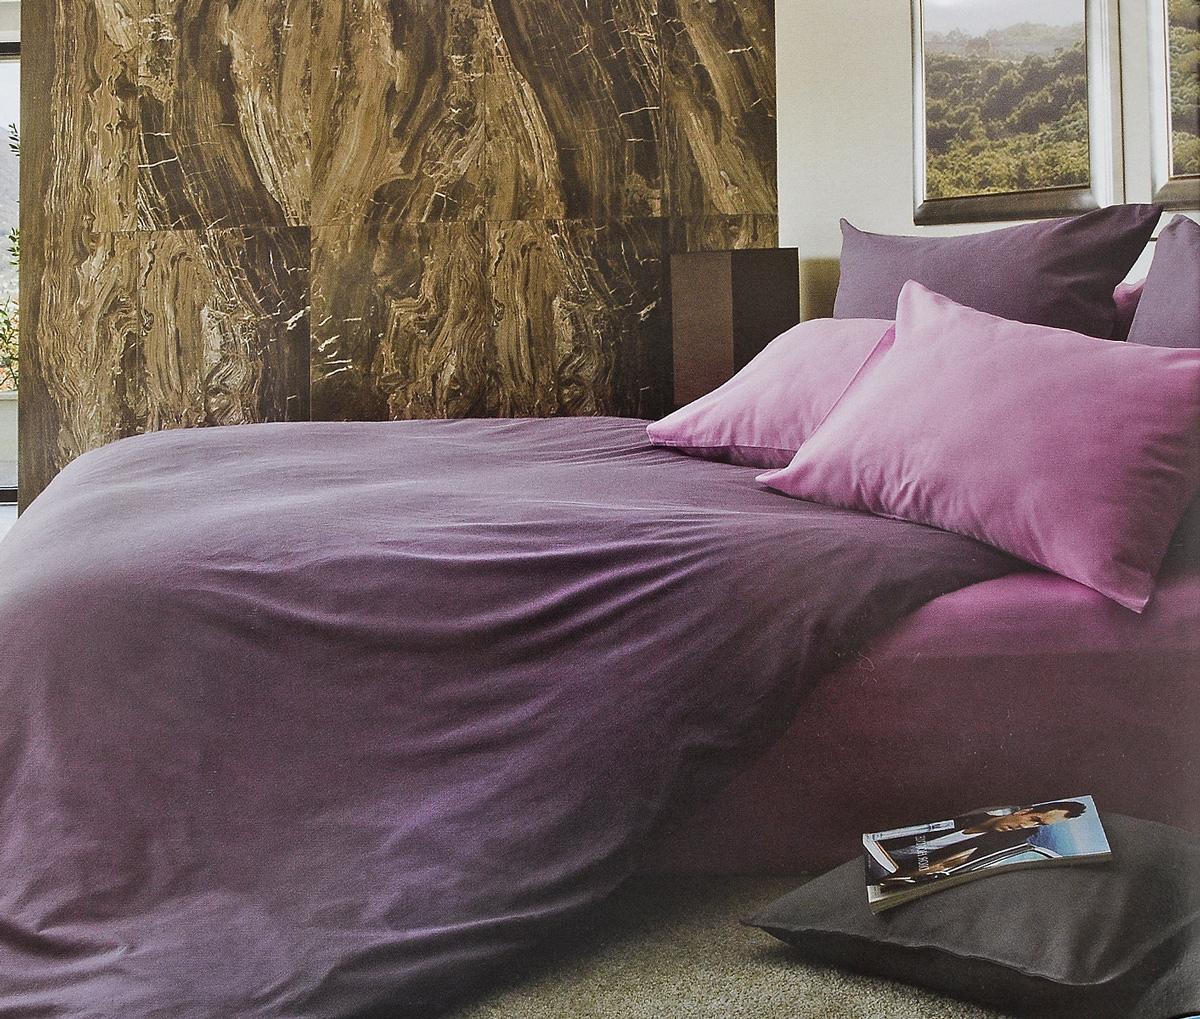 Комплект белья Tiffanys Secret Черничные ночи, 1,5-спальный, наволочки 50х70, цвет: фиолетовый, сиреневыйS03301004Комплект постельного белья Tiffanys Secret Черничные ночи является экологически безопасным для всей семьи, так как выполнен из сатина (100% хлопок). Комплект состоит из пододеяльника, простыни и двух наволочек. Благодаря такому комплекту постельного белья вы сможете создать атмосферу уюта и комфорта в вашей спальне.Сатин - это ткань, навсегда покорившая сердца человечества. Ценившие роскошь персы называли ее атлас, а искушенные в прекрасном французы - сатин. Секрет высококачественного сатина в безупречности всего технологического процесса. Эту благородную ткань делают только из отборной натуральной пряжи, которую получают из самого лучшего тонковолокнистого хлопка. Благодаря использованию самой тонкой хлопковой нити получается необычайно мягкое и нежное полотно. Сатиновое постельное белье превращает жаркие летние ночи в прохладные и освежающие, а холодные зимние - в теплые и согревающие. Сатин очень приятен на ощупь, постельное белье из него долговечно, выдерживает более 300 стирок, и лишь спустя долгое время материал начинает немного тускнеть. Оцените все достоинства постельного белья из сатина, выбирая самое лучшее для себя!